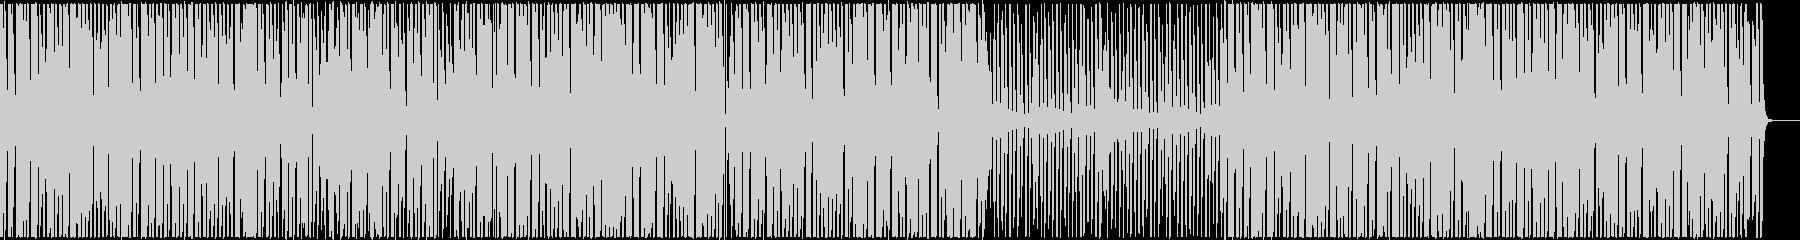 楽しいクッキングBGMの未再生の波形